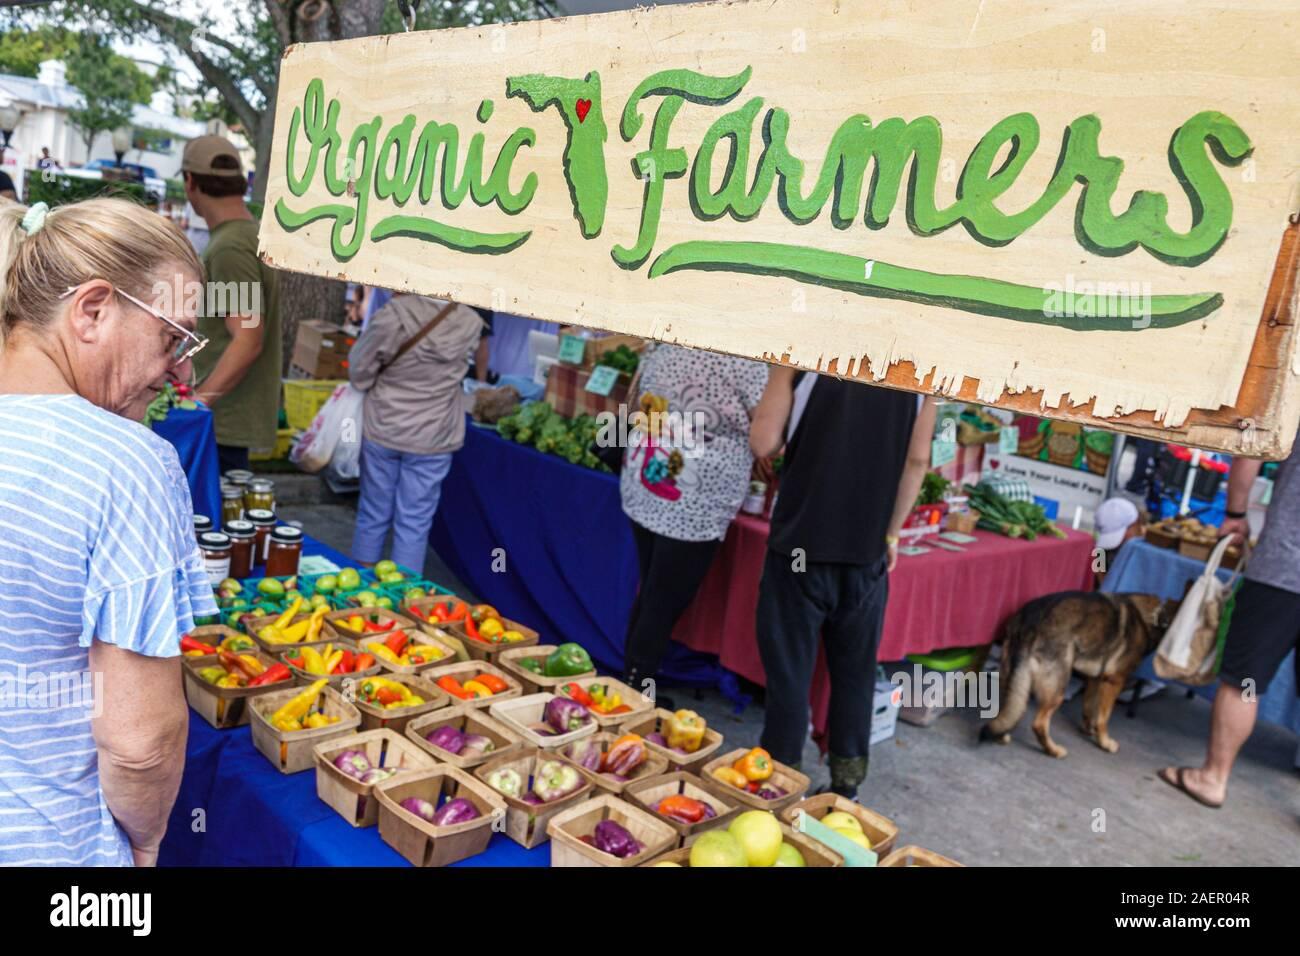 Florida Orlando Winter Park Downtown quartier historique Farmers' Market chaque semaine Samedi fournisseur extérieur de produits biologiques stand légumes femme shopping Banque D'Images